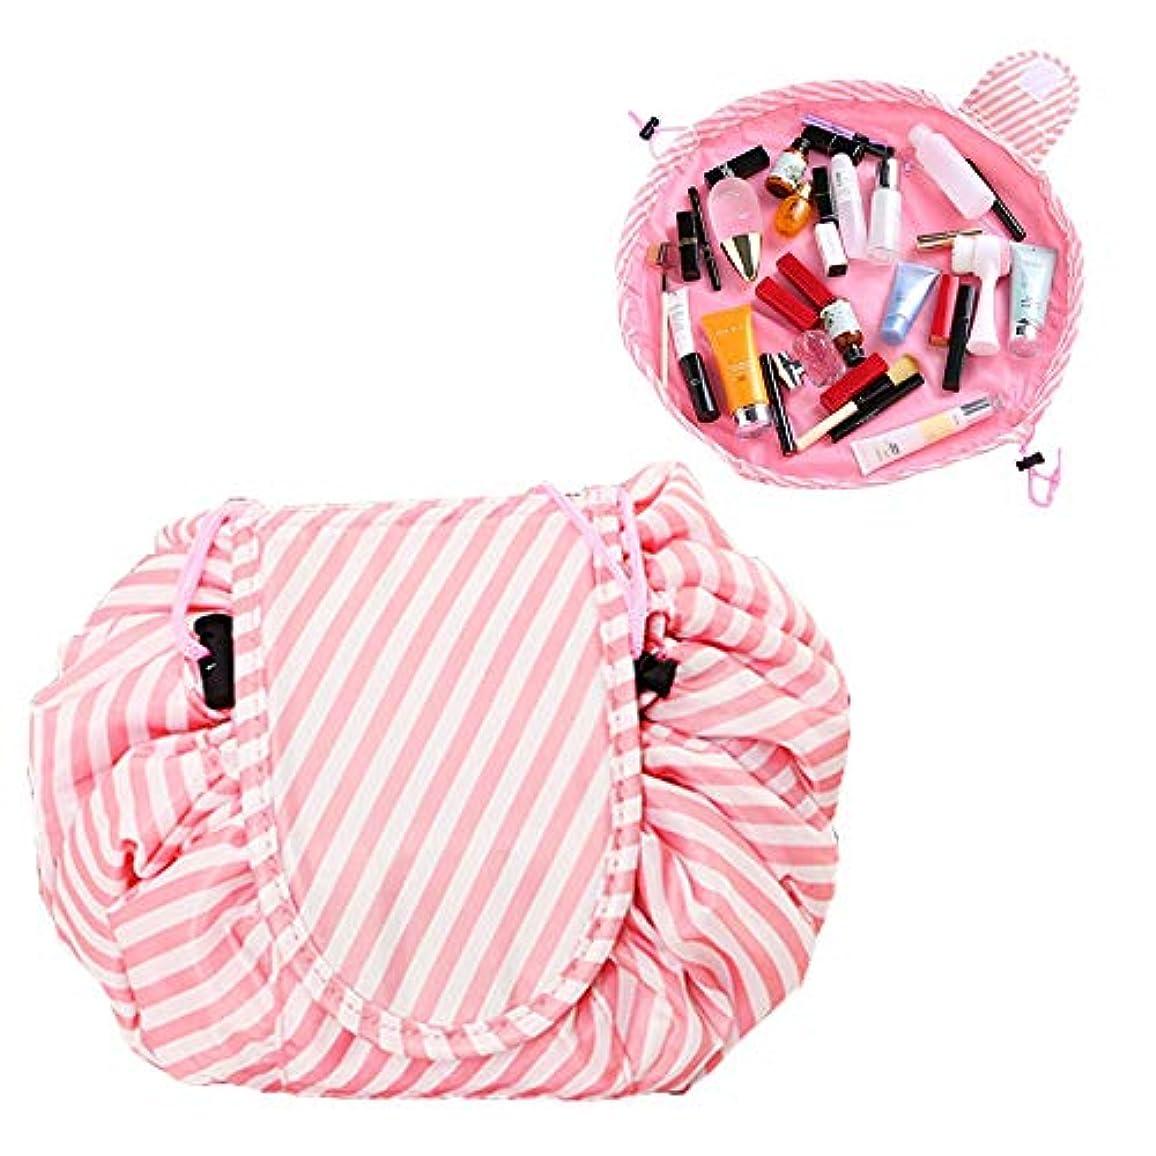 ぼかす背景リーンBasong 化粧ポーチ 巾着型 コスメポーチ ポーチ メイク収納 巾着バッグ レディース 小物入れ 持ち運び コンパクト